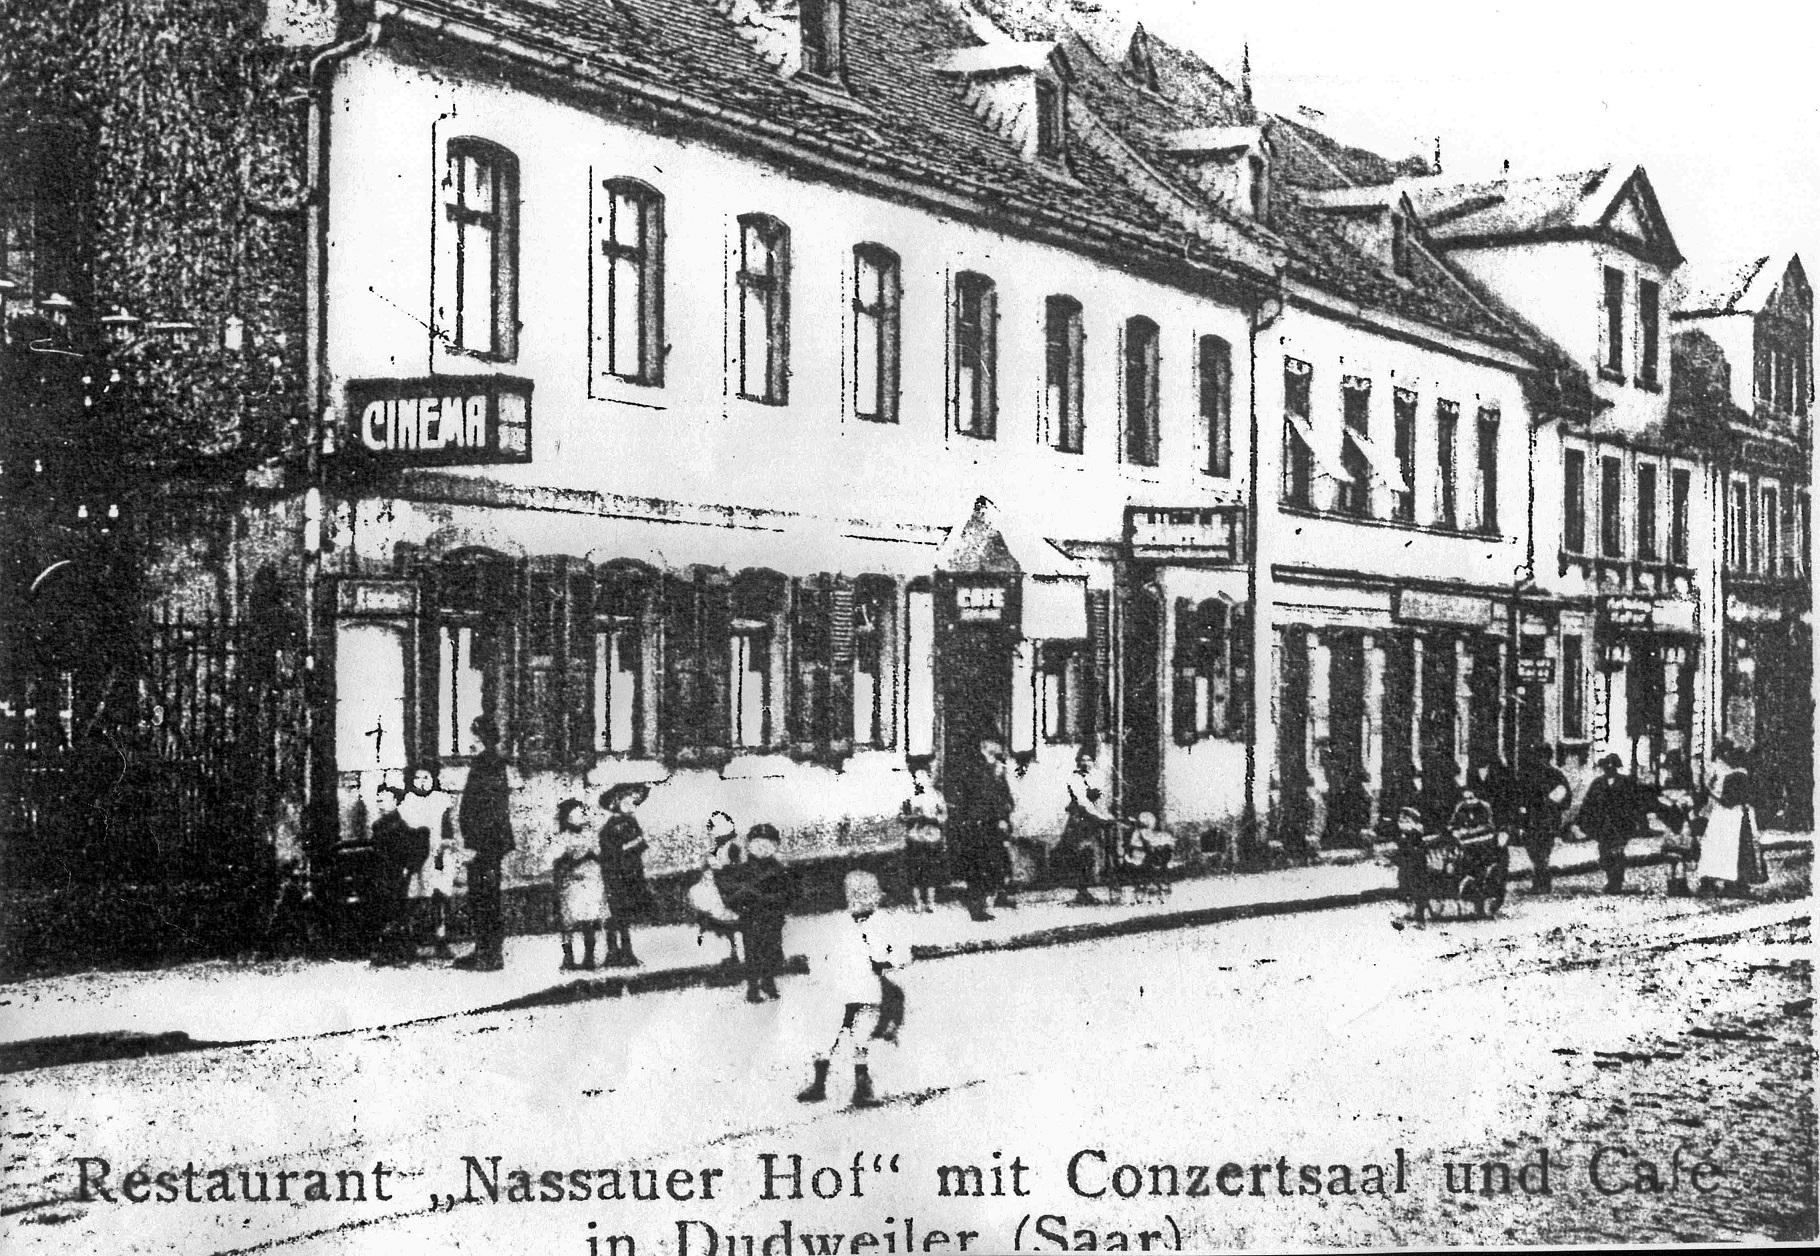 Nassauer Hof 1930